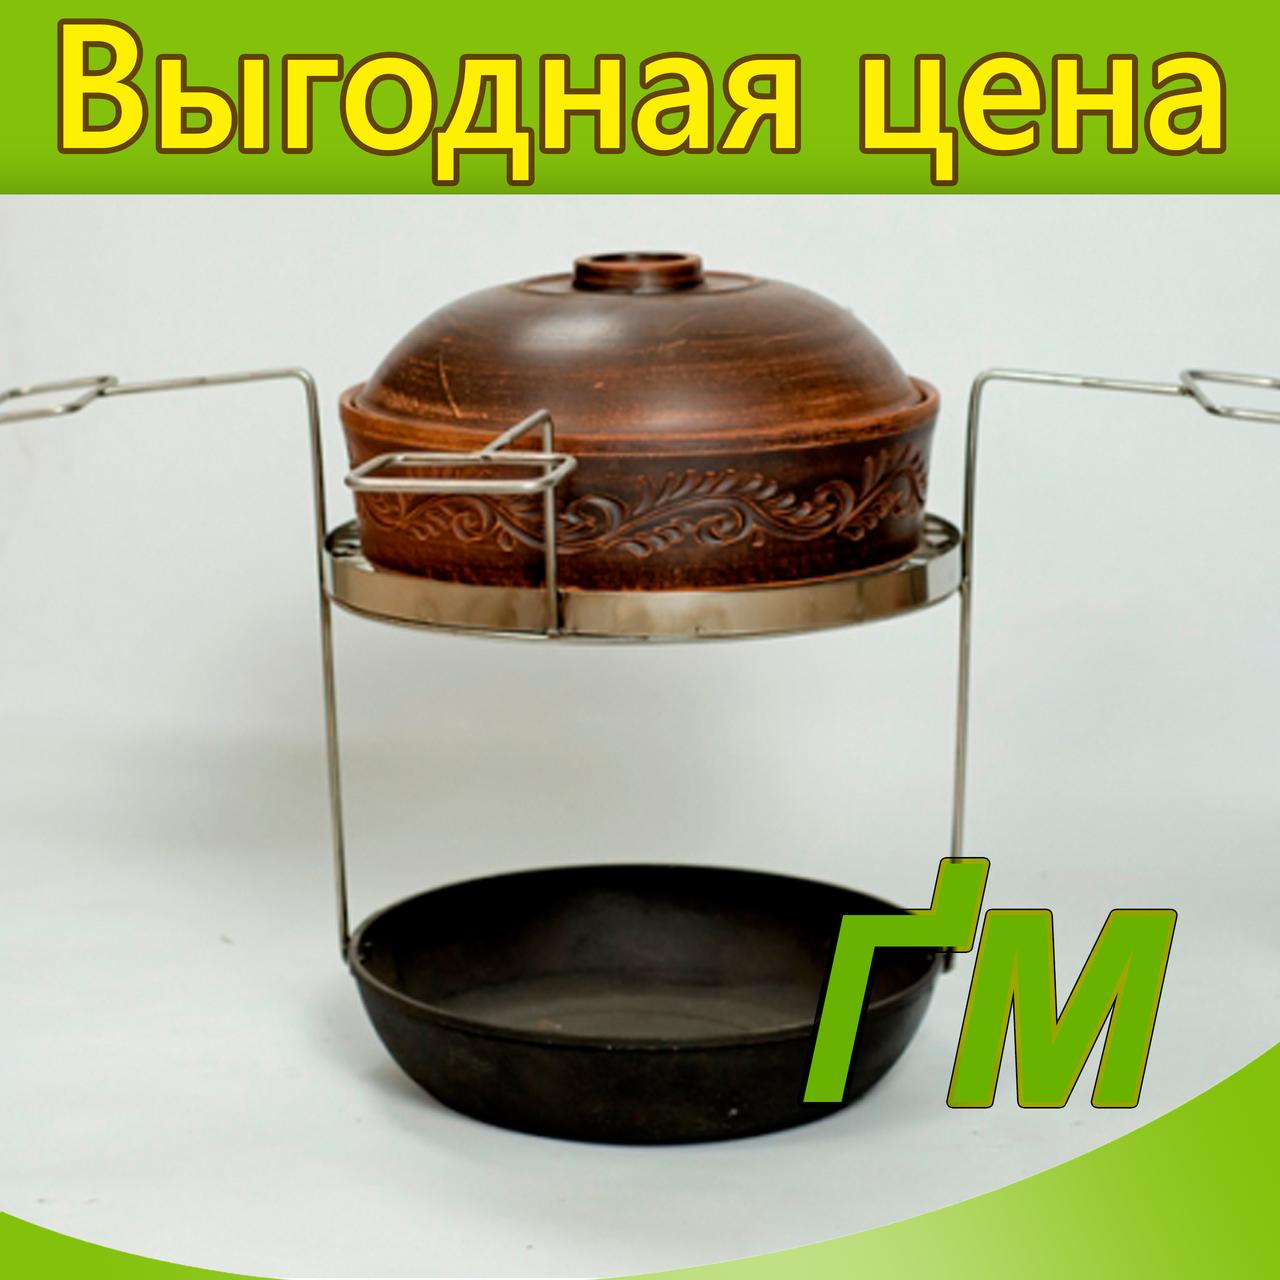 Сетка для тандыра с глиняной сковородой